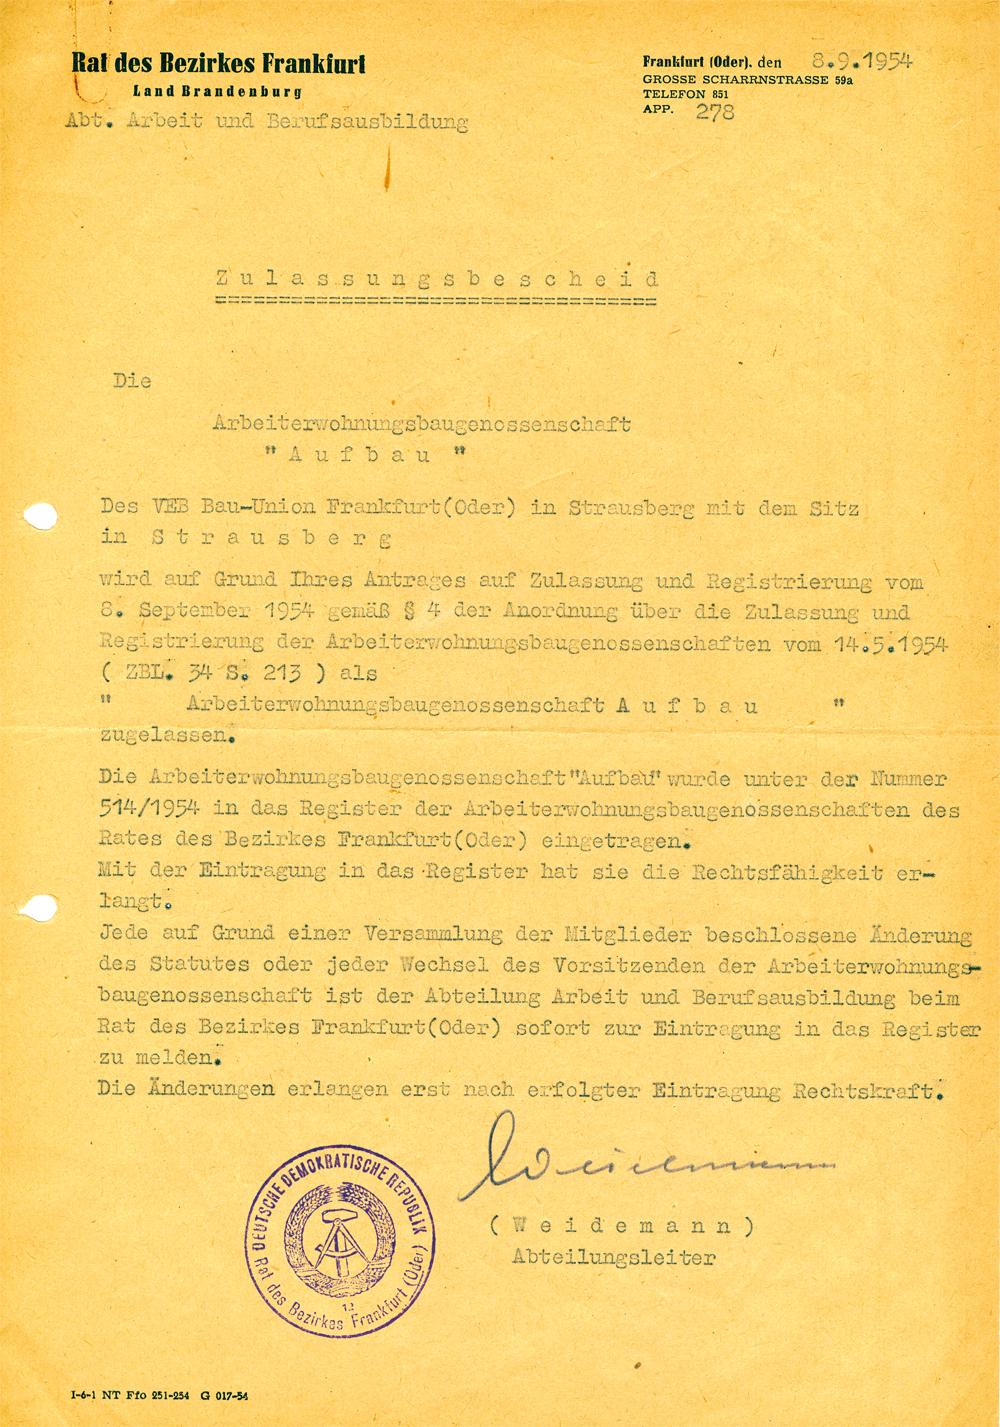 """Abbildung des Zulassungsbescheides der Arbeiterwohnungsbaugenossenschaft """"Aufbau"""""""